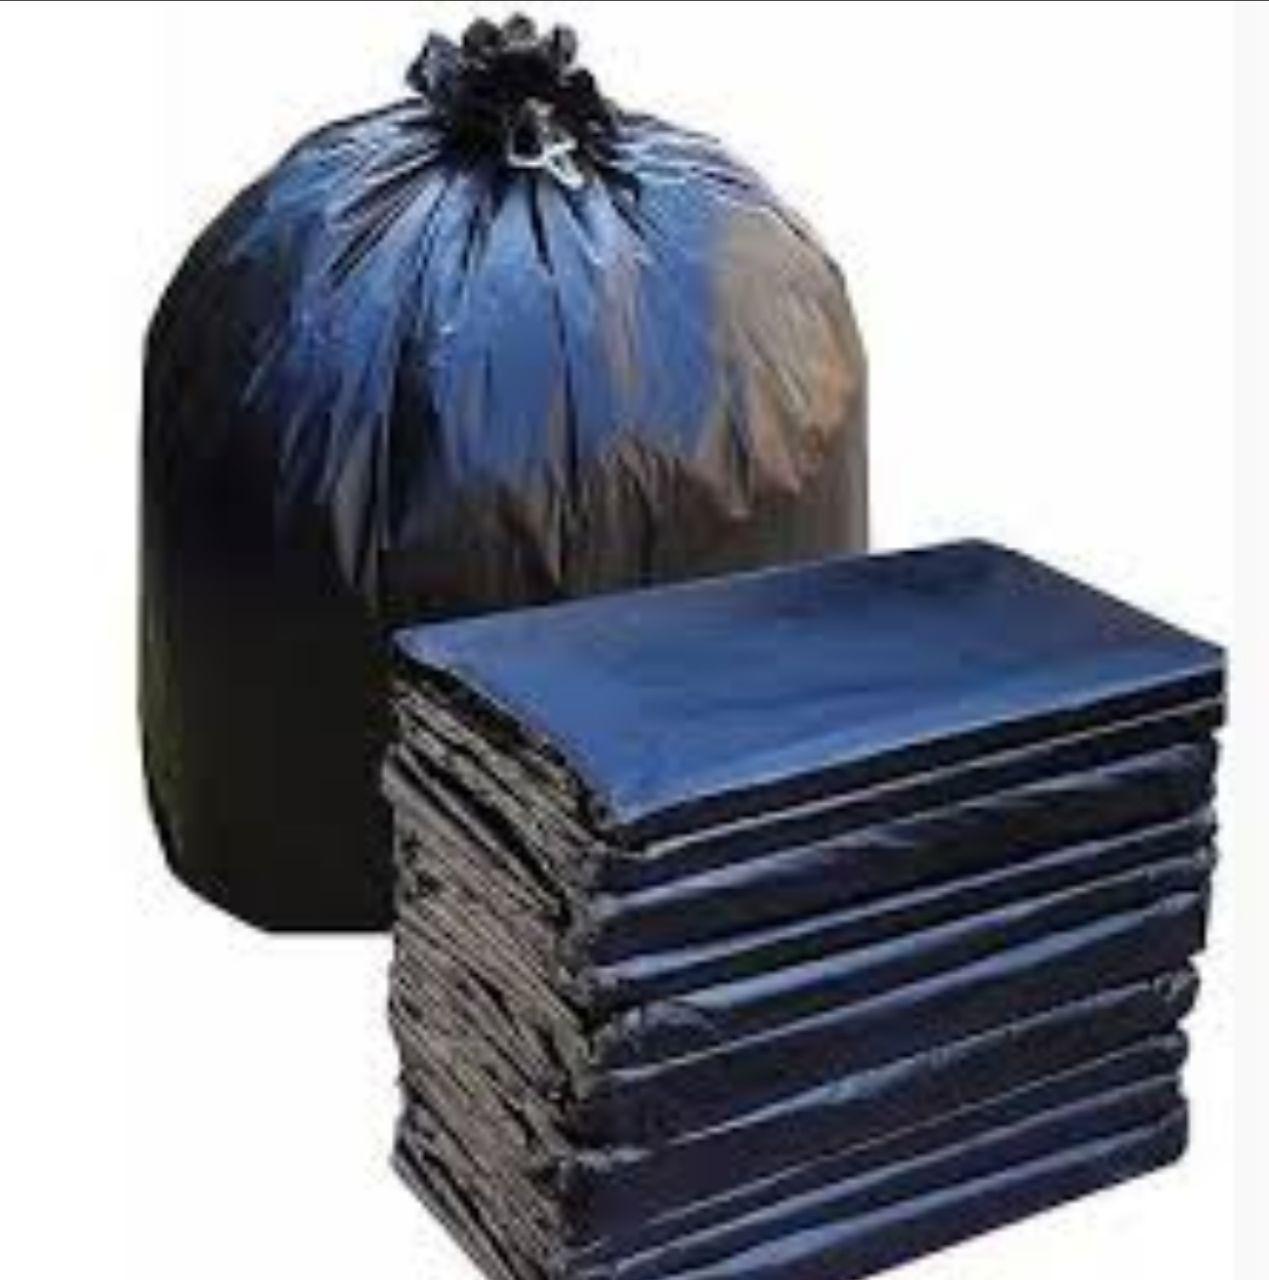 توزيع ۲۵ هزار كيسه زباله توسط شهرداري سقز در روز طبيعت